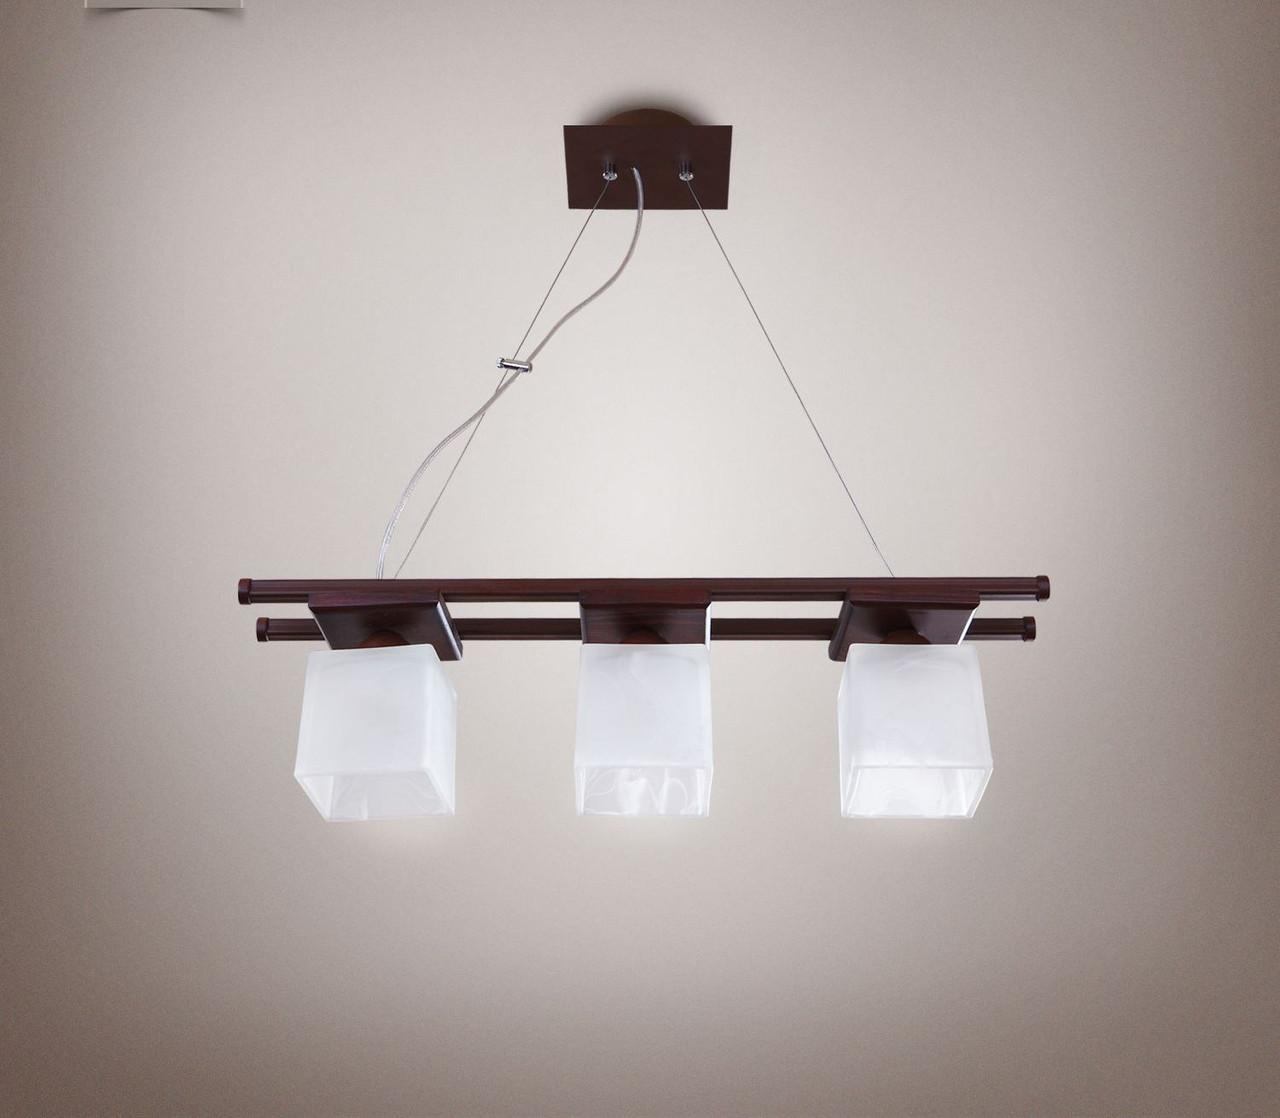 Люстра 3-х ламповая, металлическая, деревянная, спальня, зал, кухня, коридор 14603